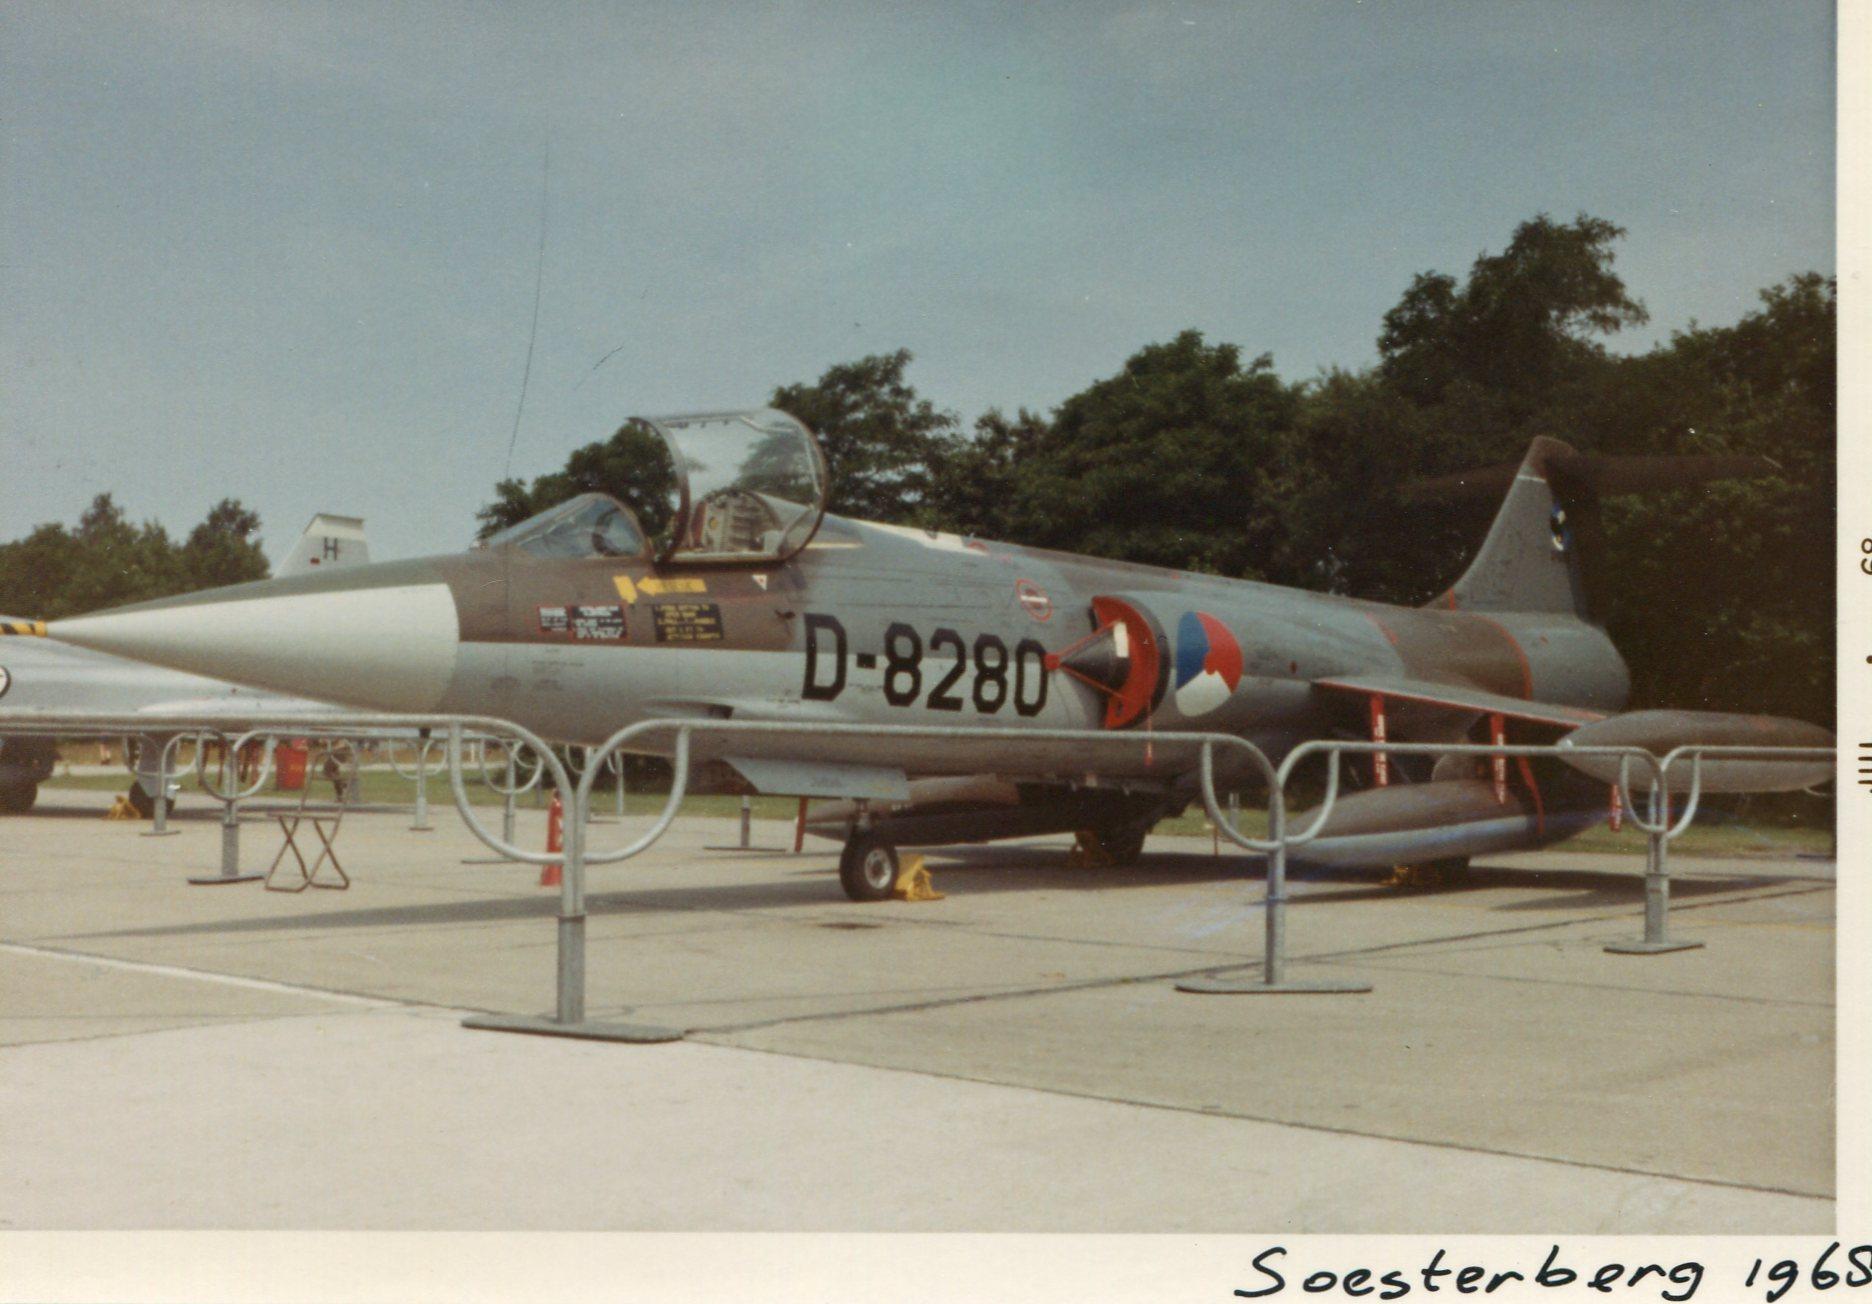 Naam: Soesterberg juli 1968 (2)+.jpg Bekeken: 525 Grootte: 253,7 KB